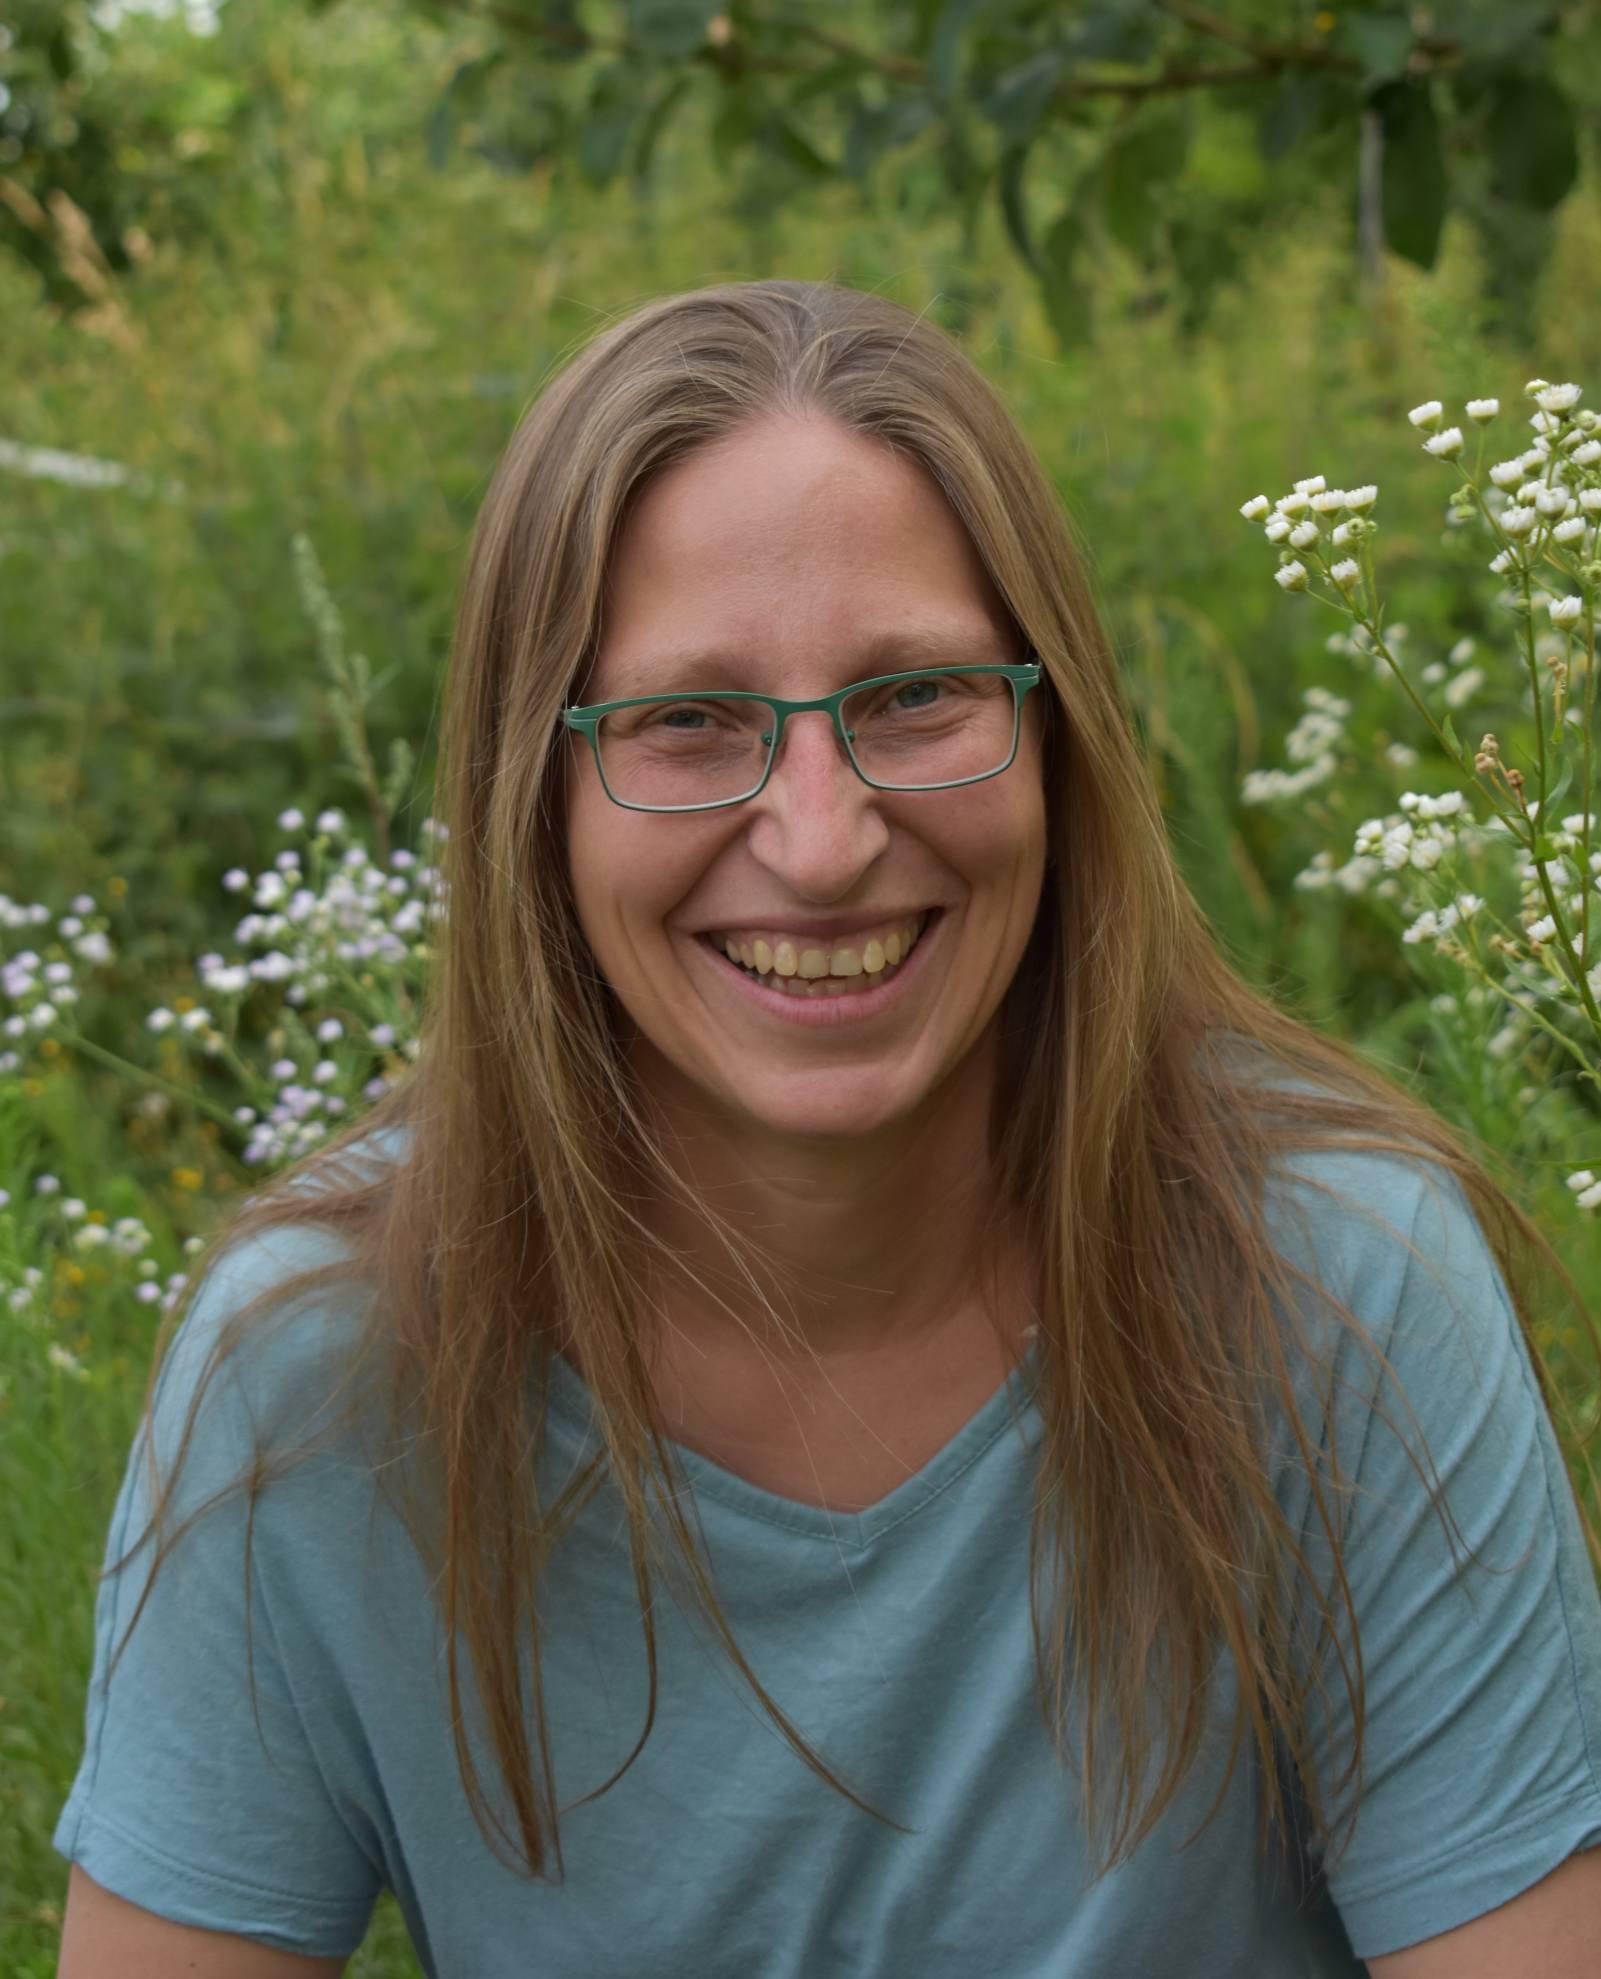 Susa Reichmann